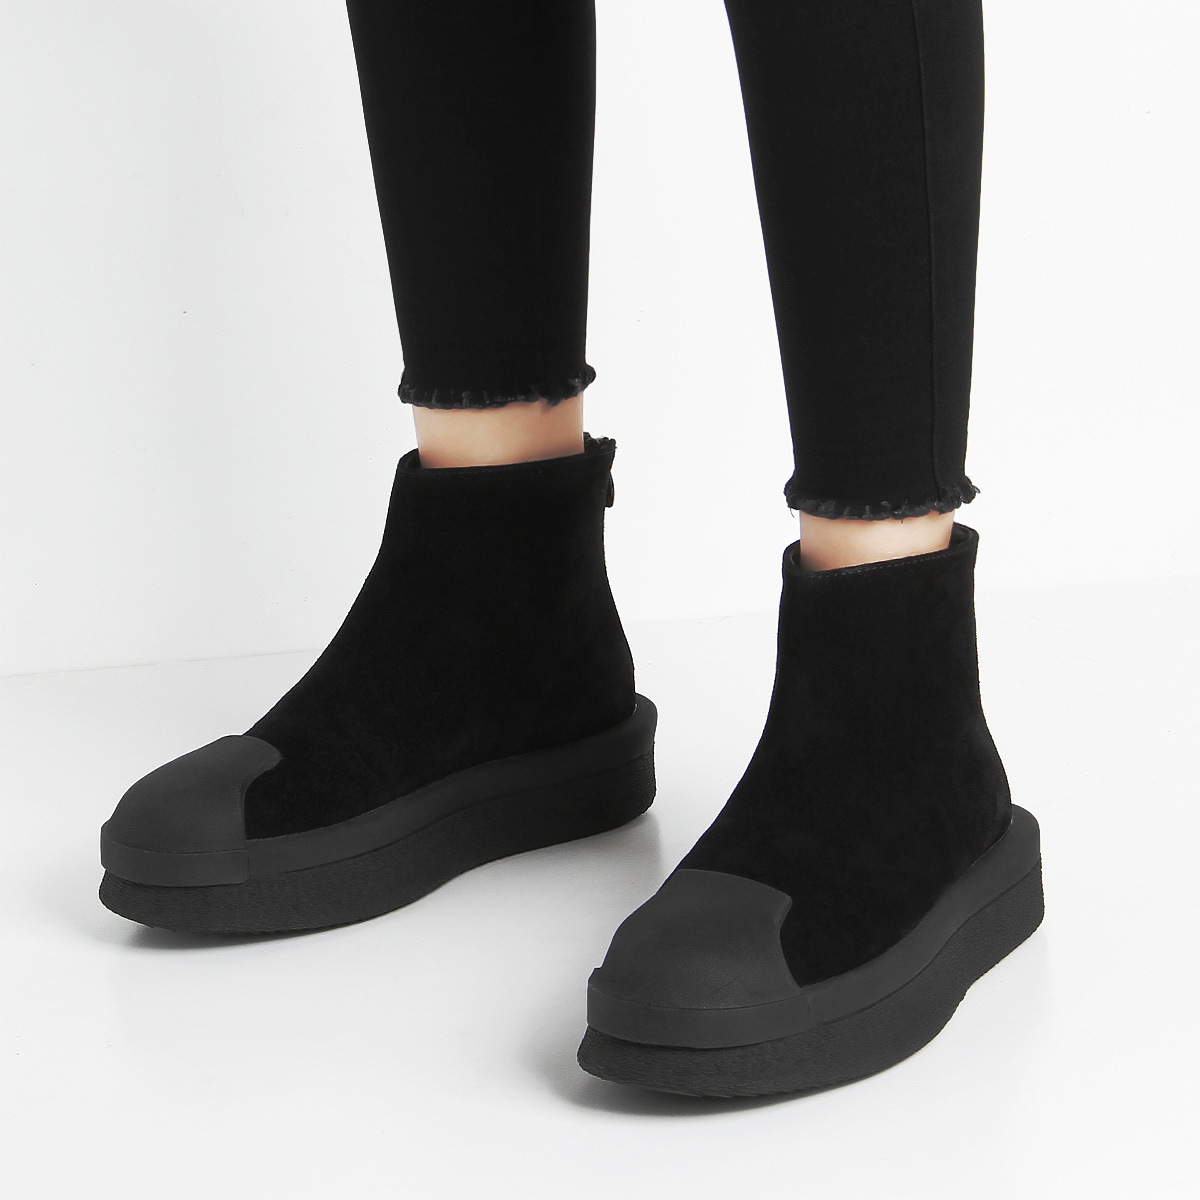 春秋百搭新品贝壳头松糕靴厚底黑白短靴欧美磨砂牛皮后拉链女靴子